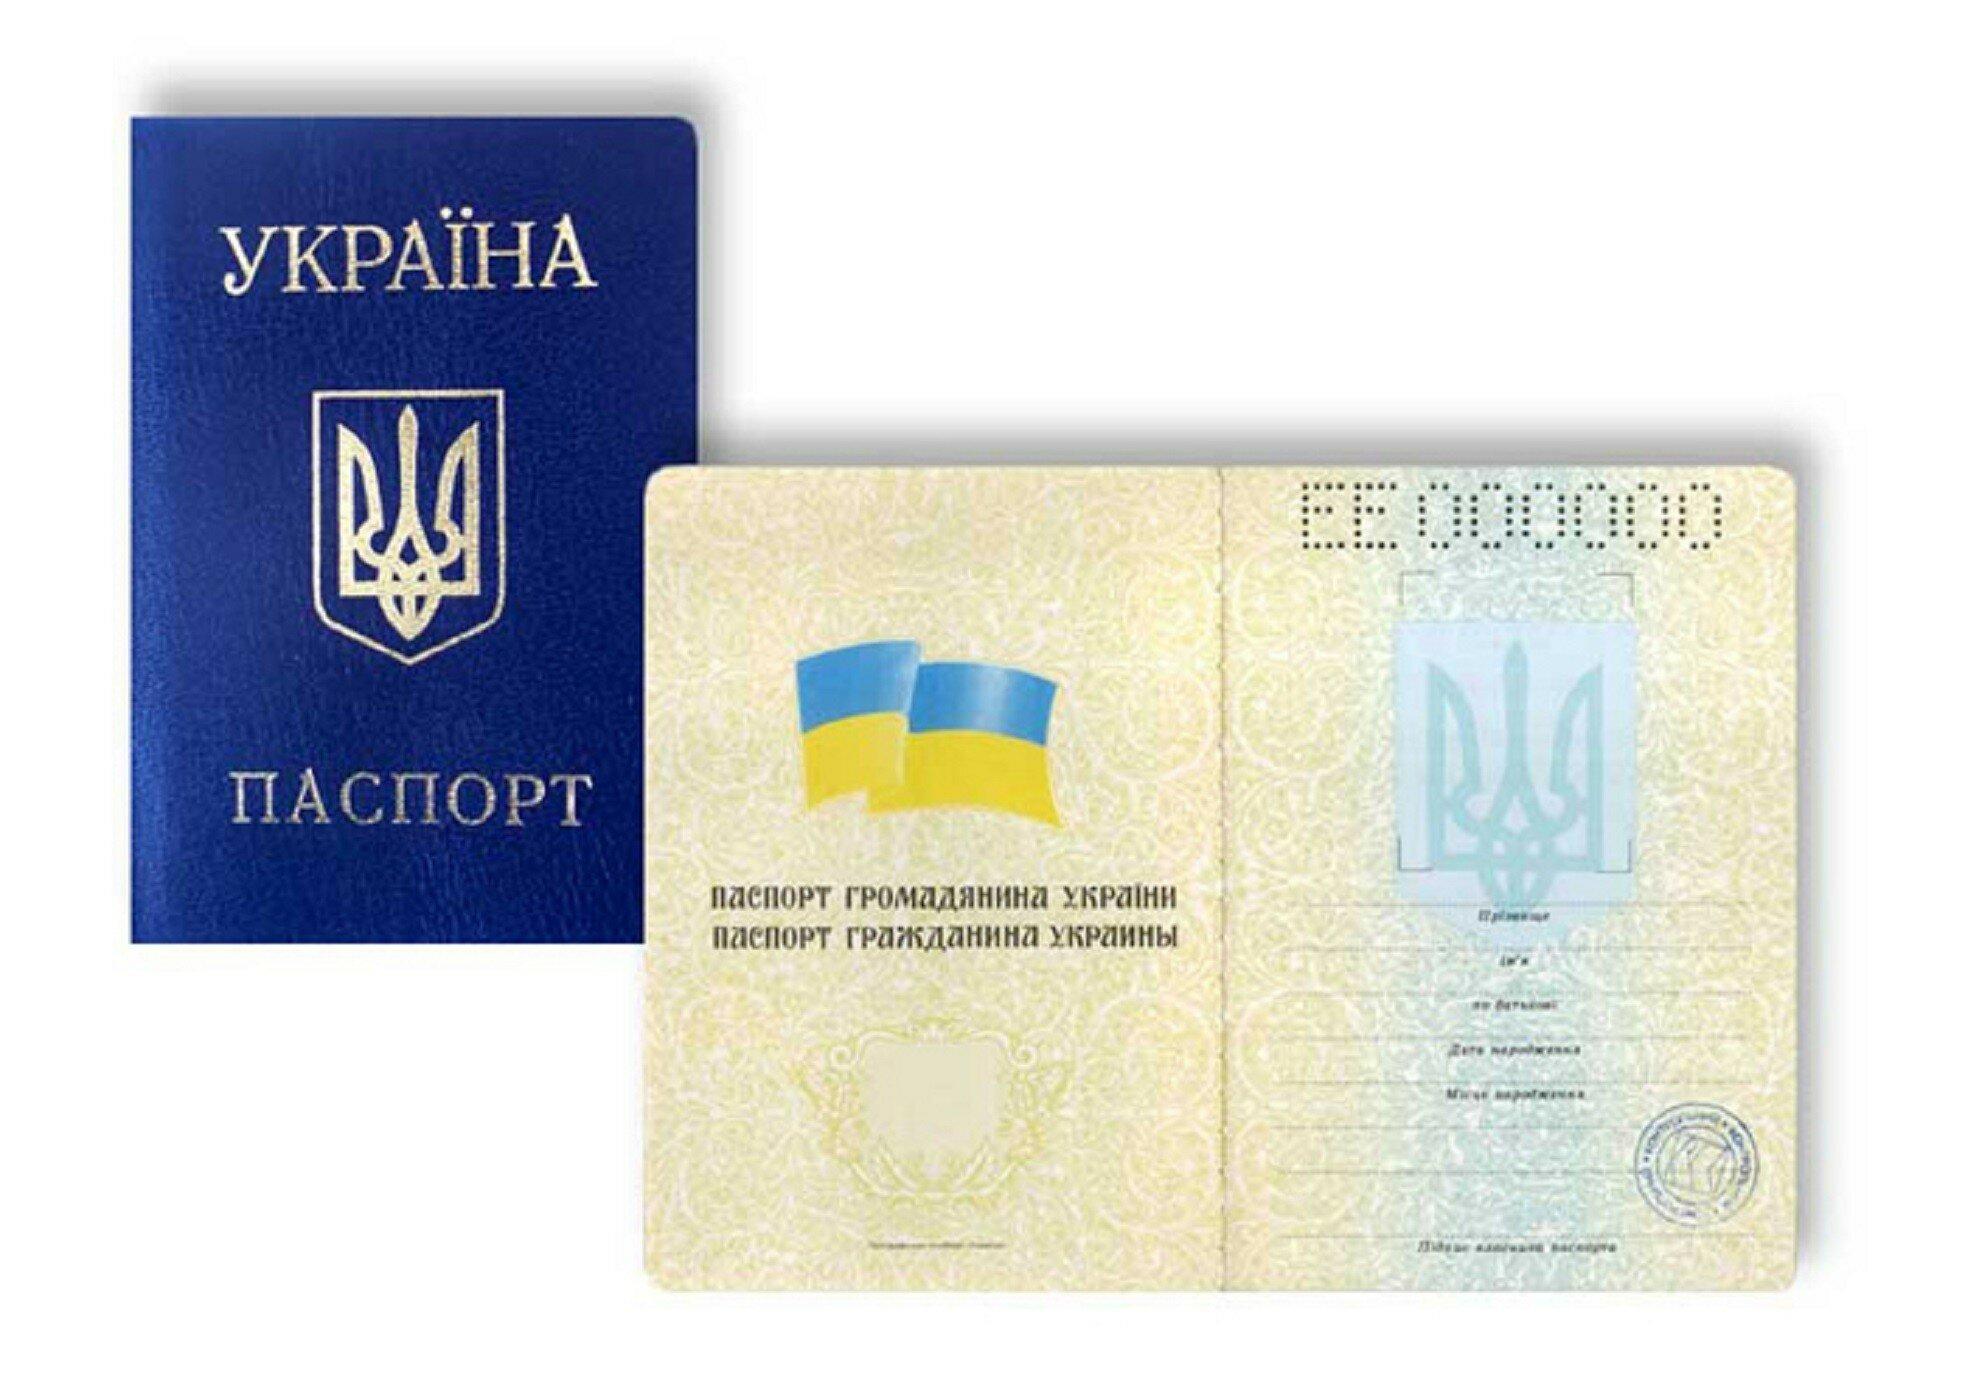 Цифровизации бумажных украинских паспортов не будет - Минцифры